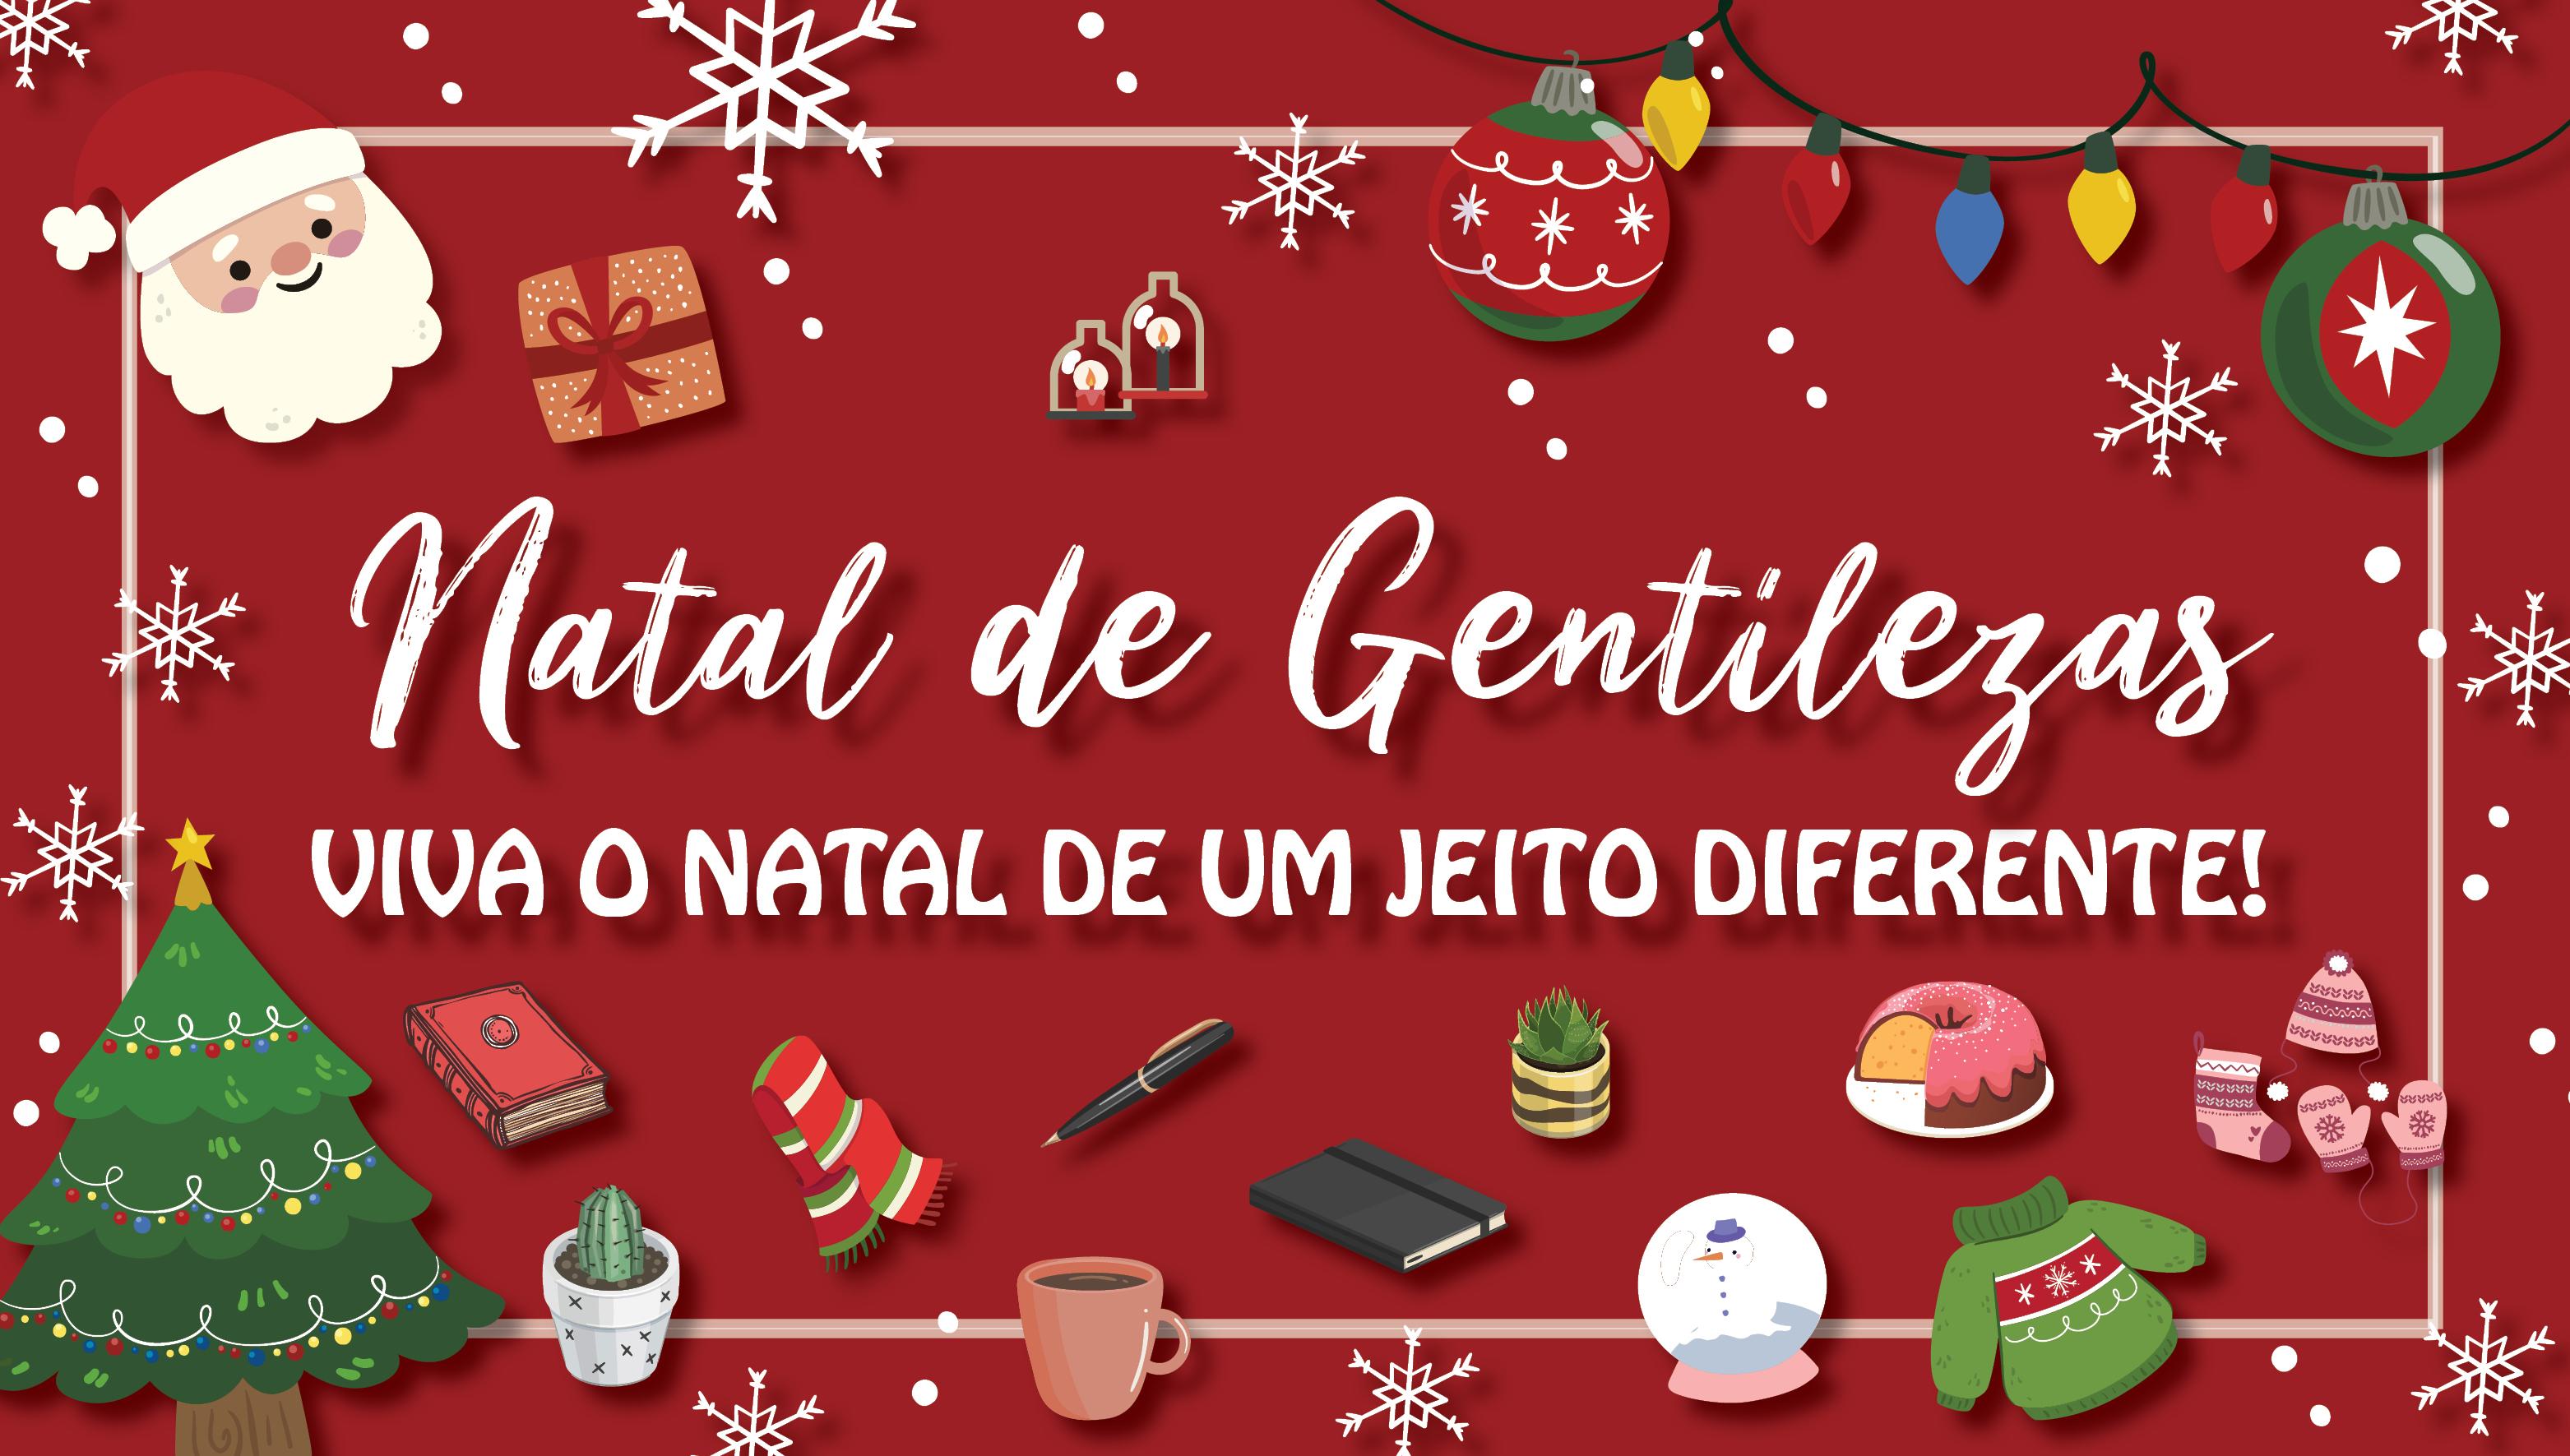 Hoje (06) inicia o Natal de Gentilezas do campus Serra